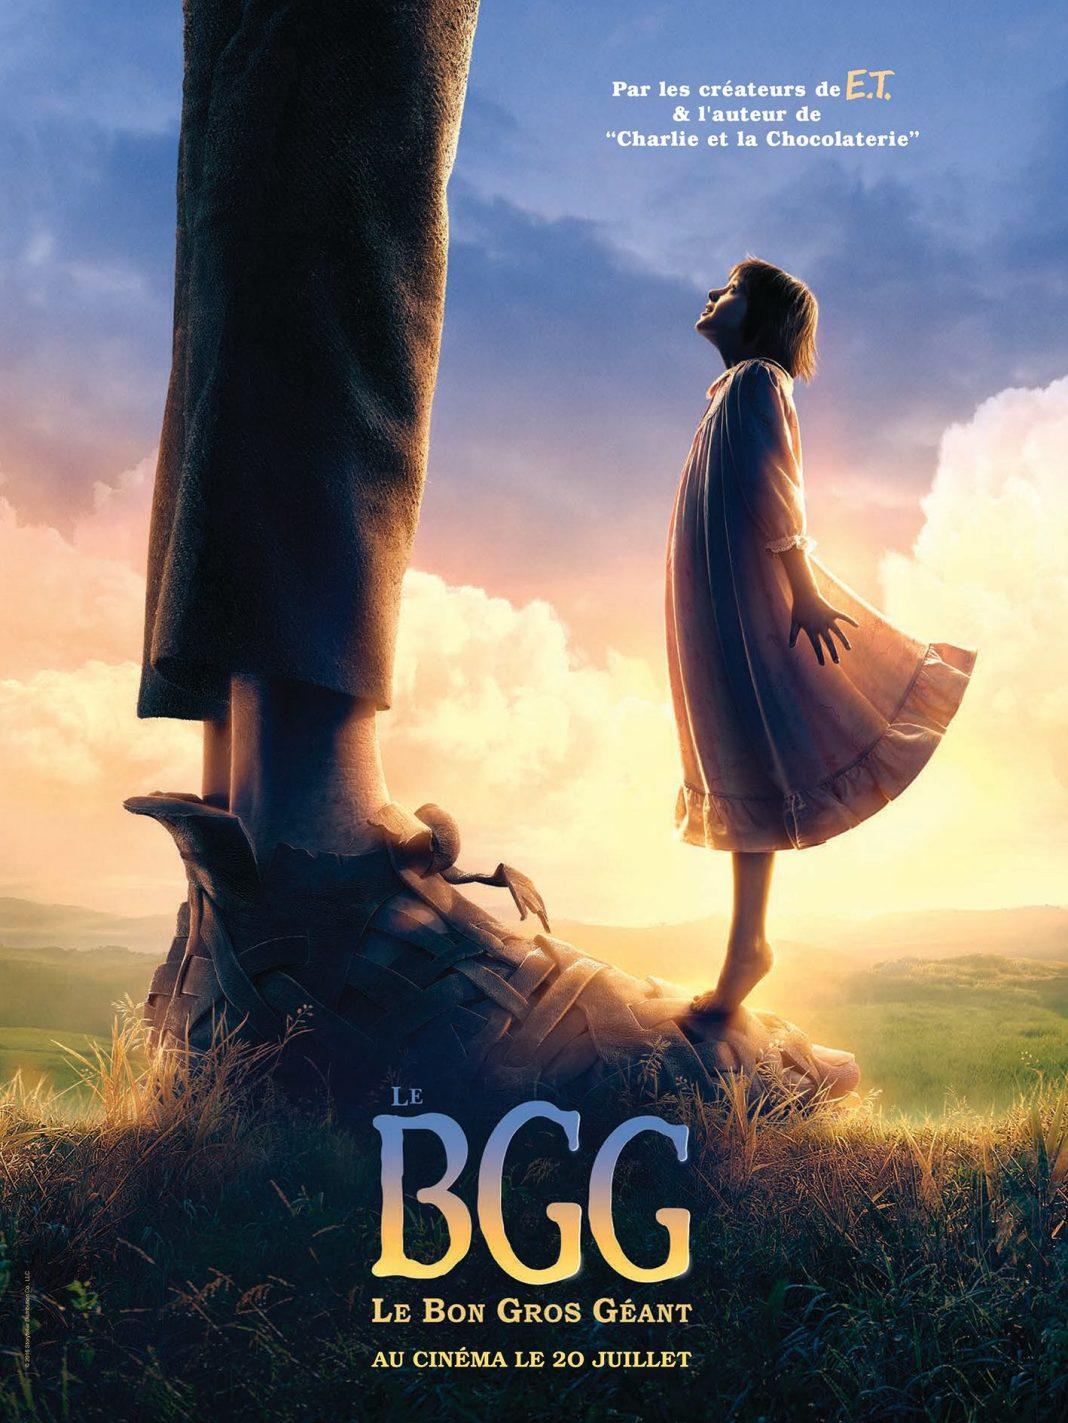 Disney le bon gros géant affiche bgg